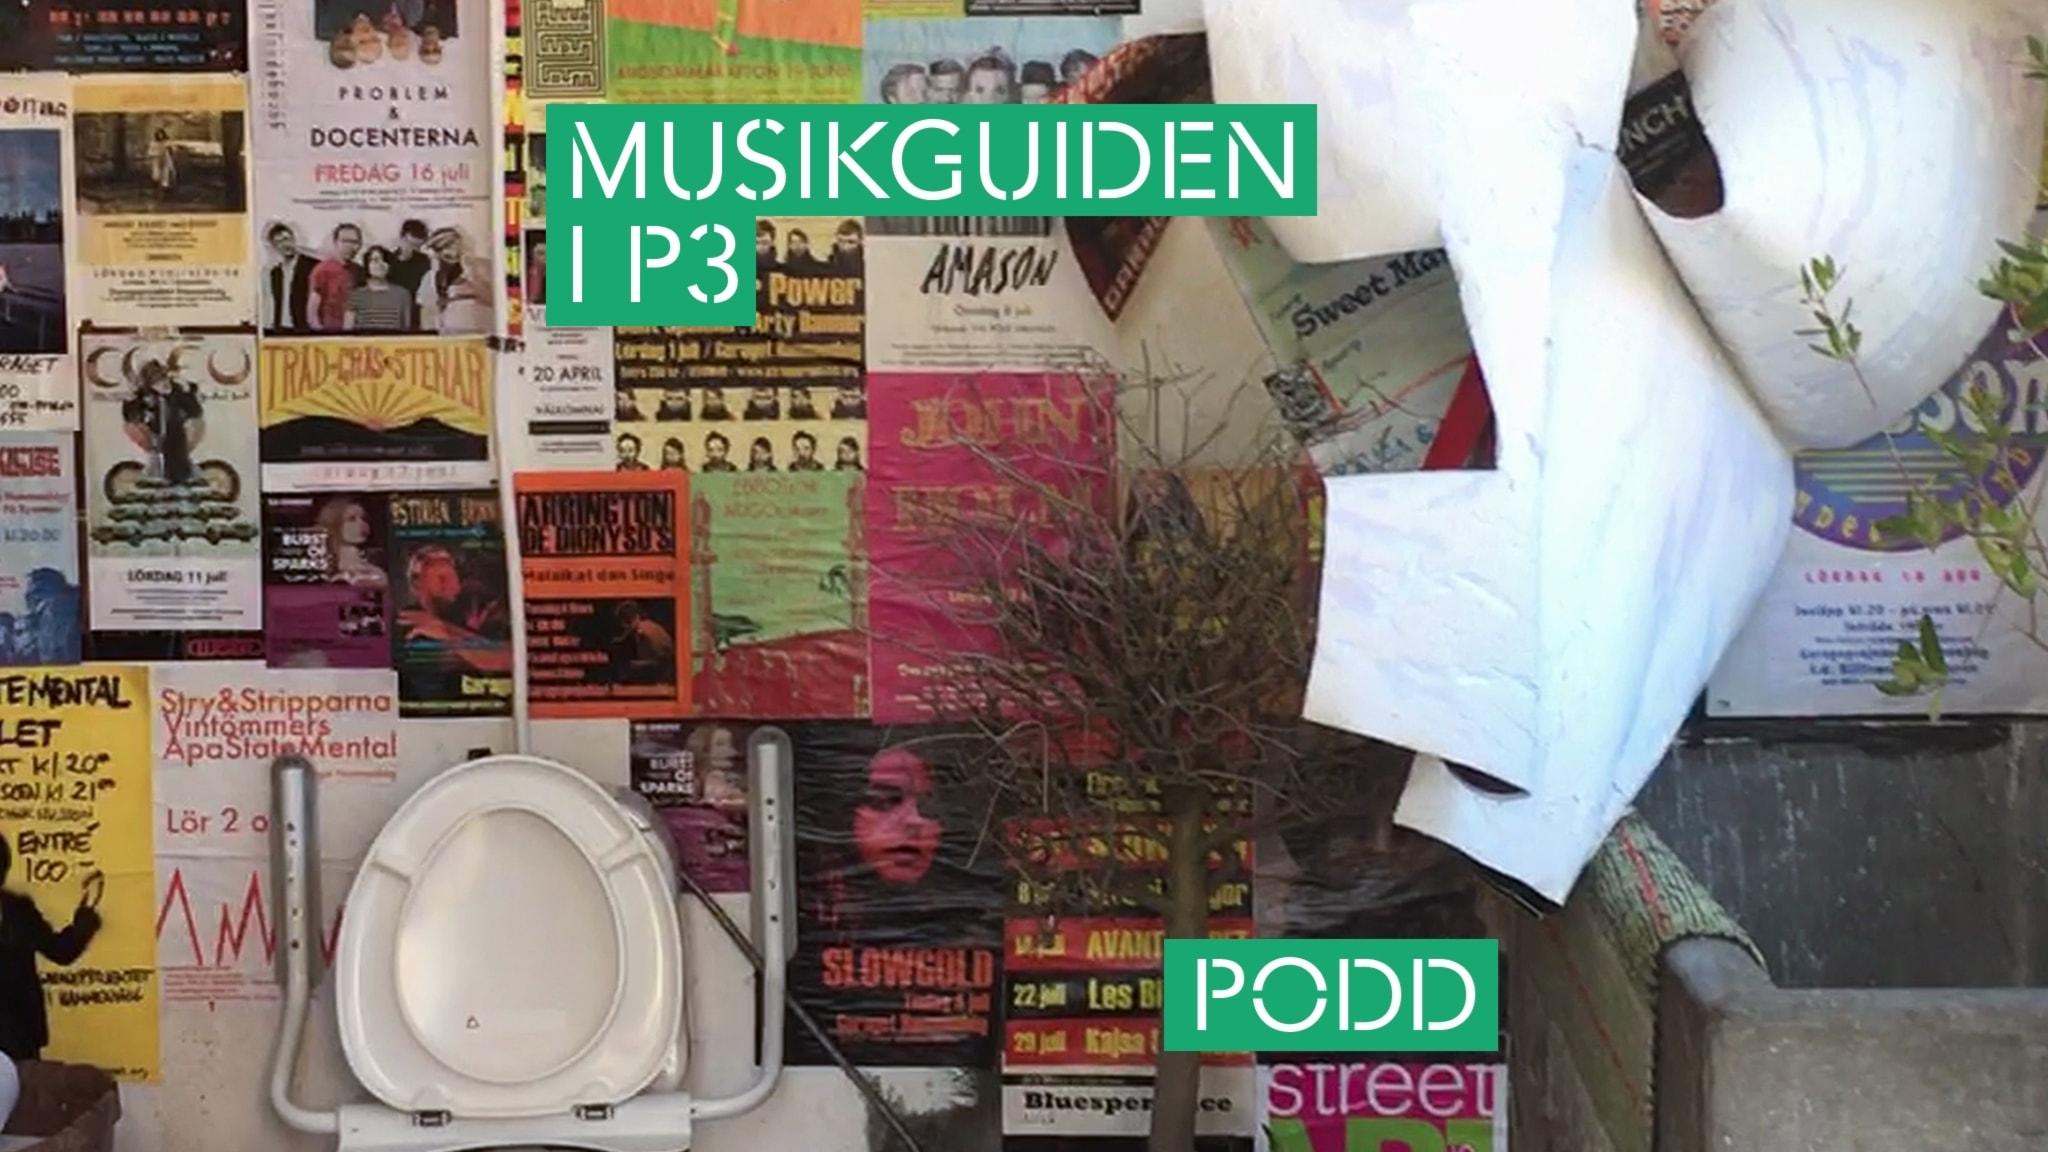 Musikguiden i P3s podd om nedstängning av spelställen